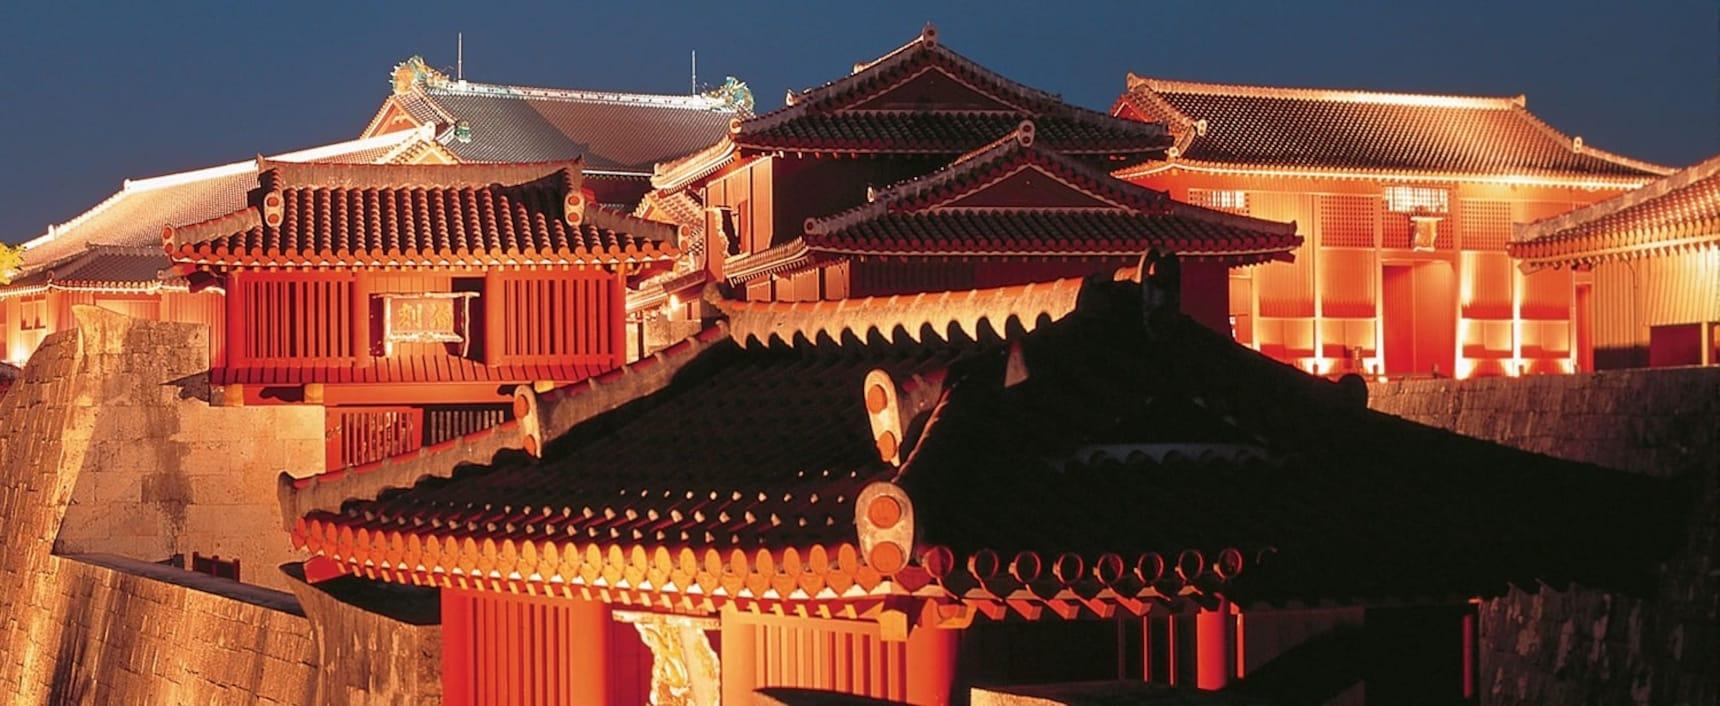 多文化的交匯點——沖繩5城一瞥